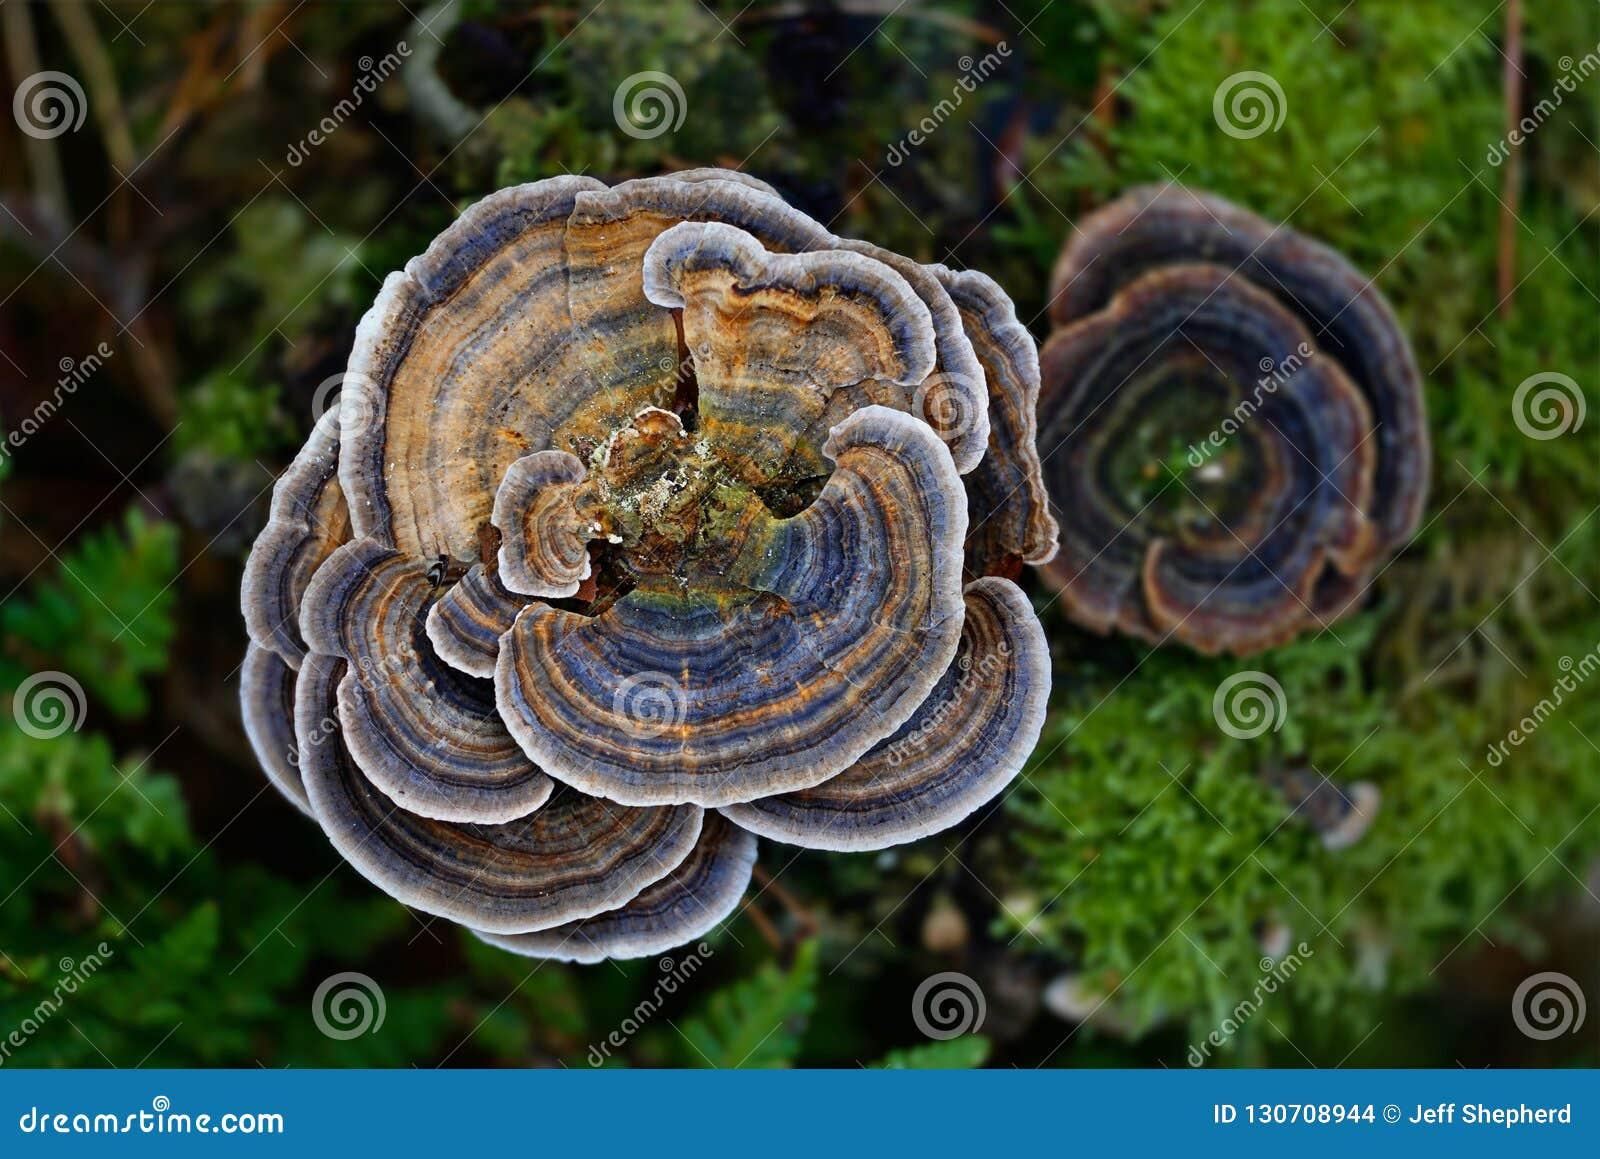 真菌turkeytail